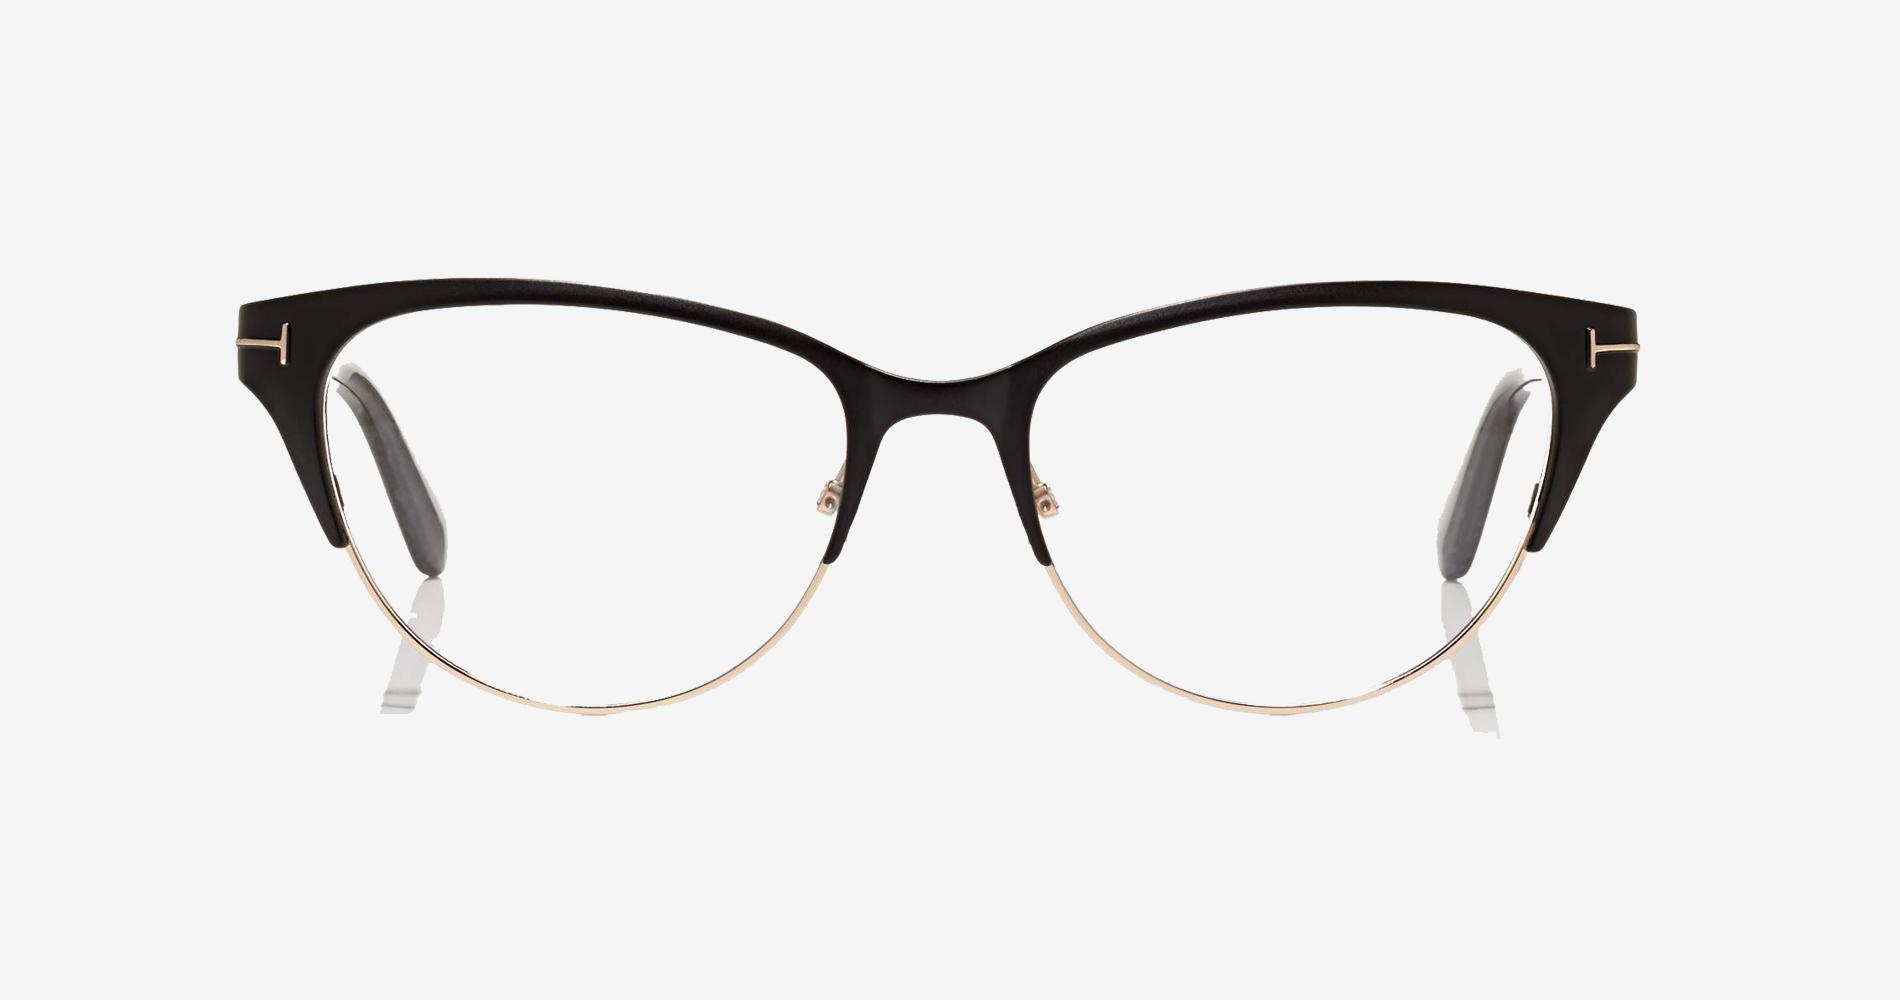 8a8e52a6ee435 Comment choisir des lunettes qui me vont vraiment   - Madame Figaro